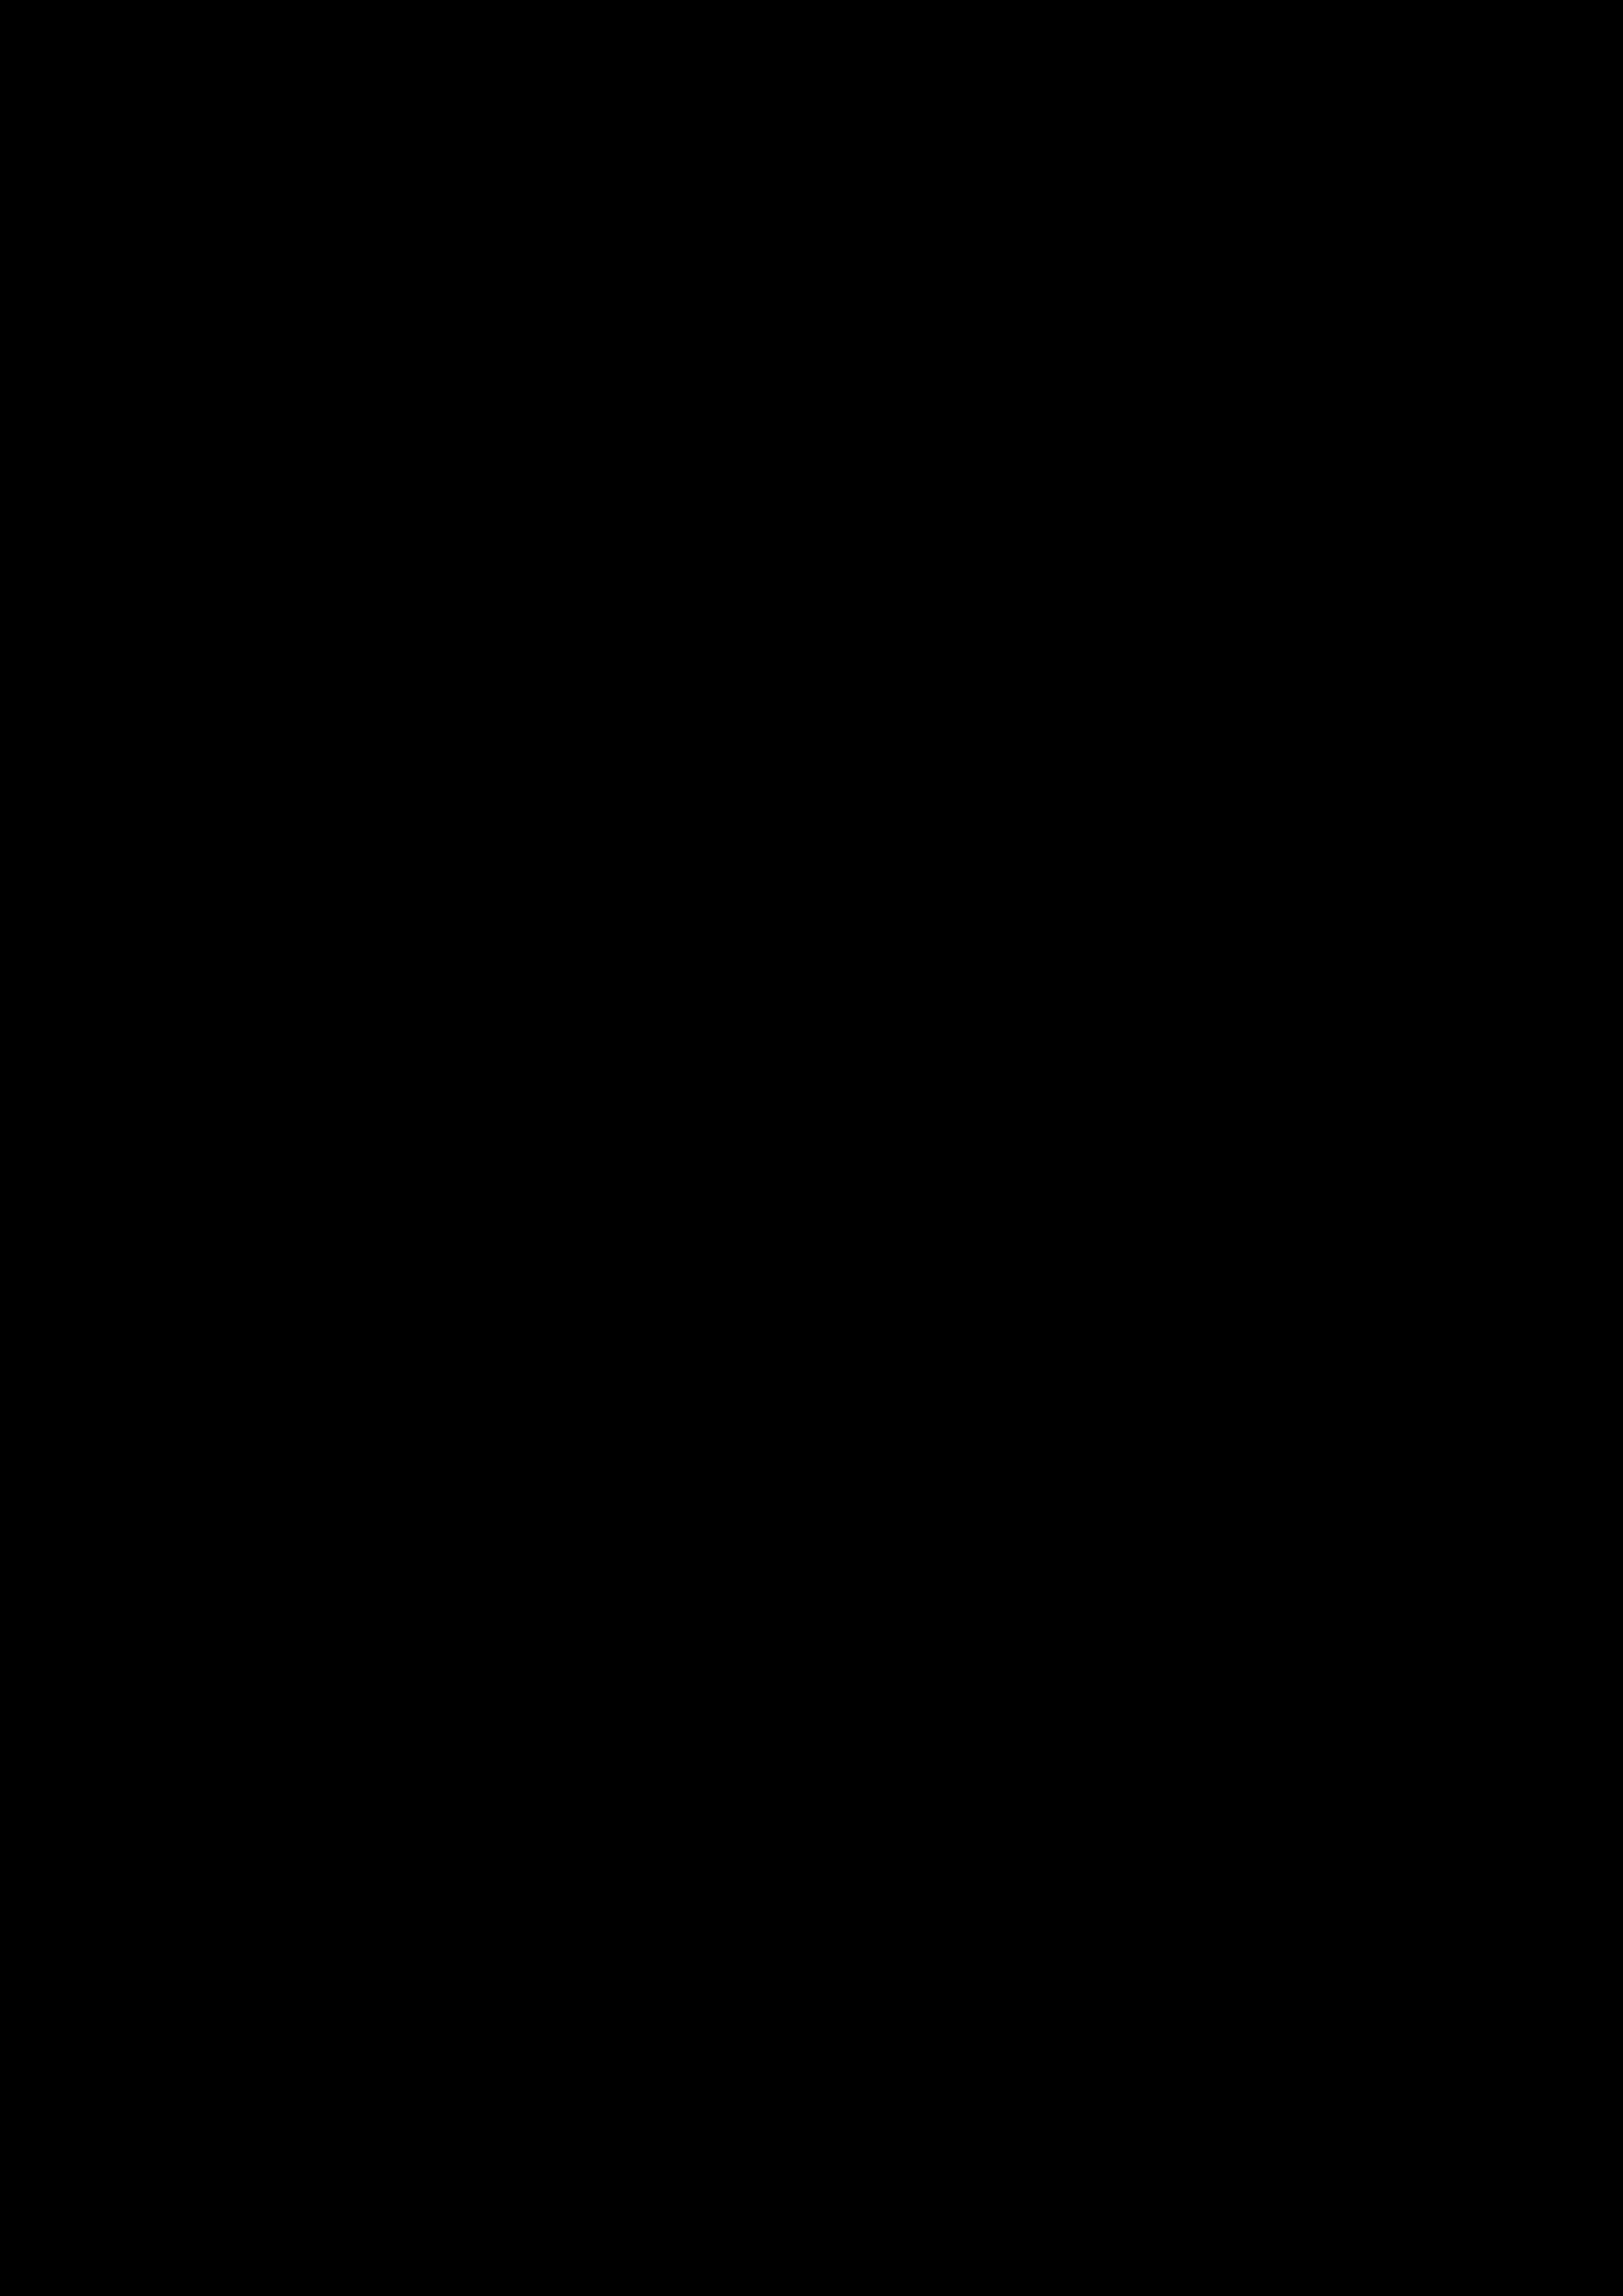 Budweiser Glass Black